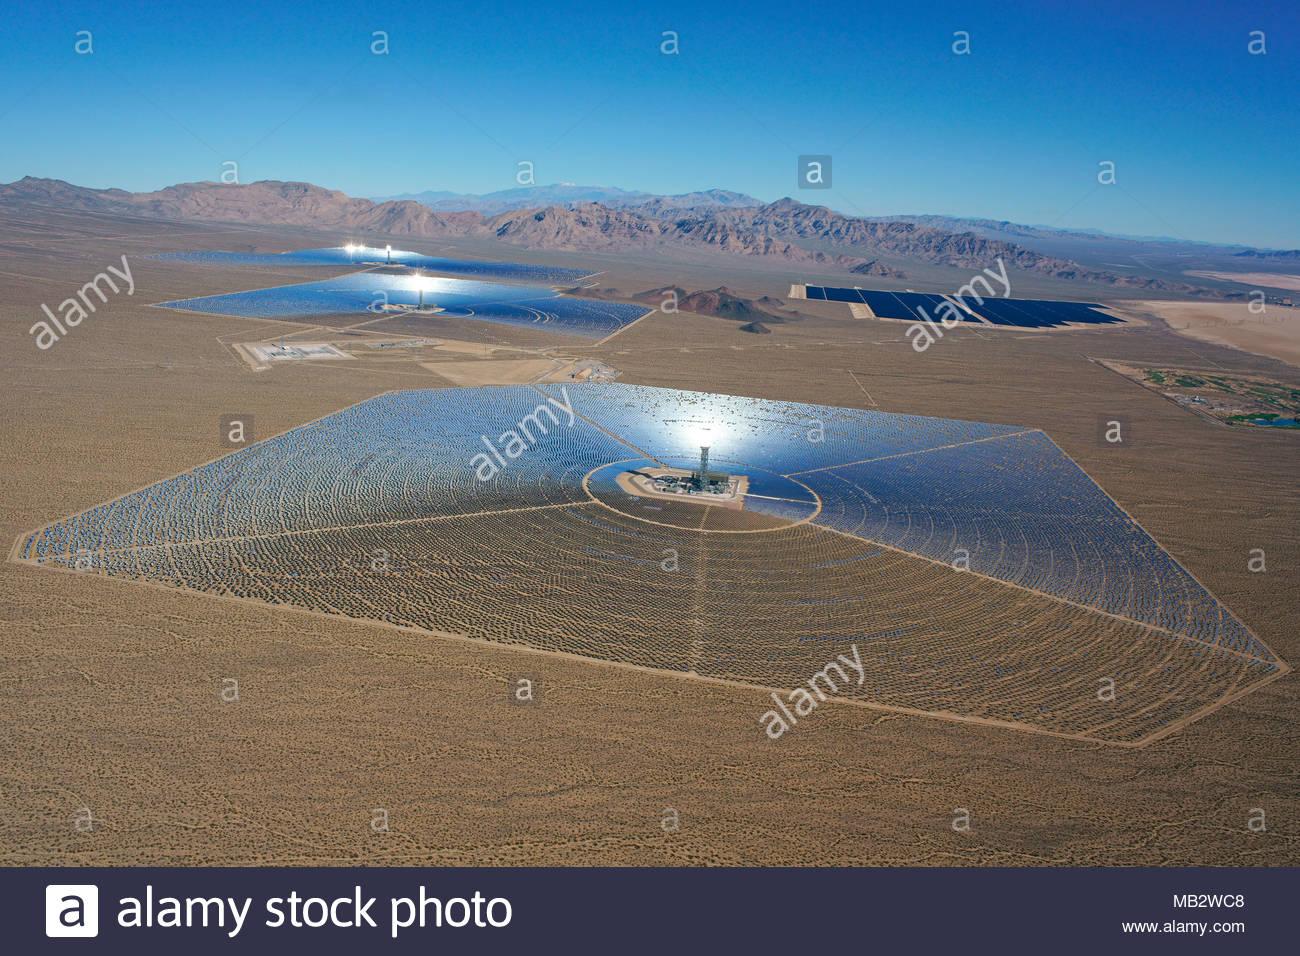 Sistema de generación eléctrica solar IVANPAH (vista aérea) (más grande del mundo planta de energía solar concentrada a partir de 2018). El Desierto de Mojave, en California, Estados Unidos. Imagen De Stock